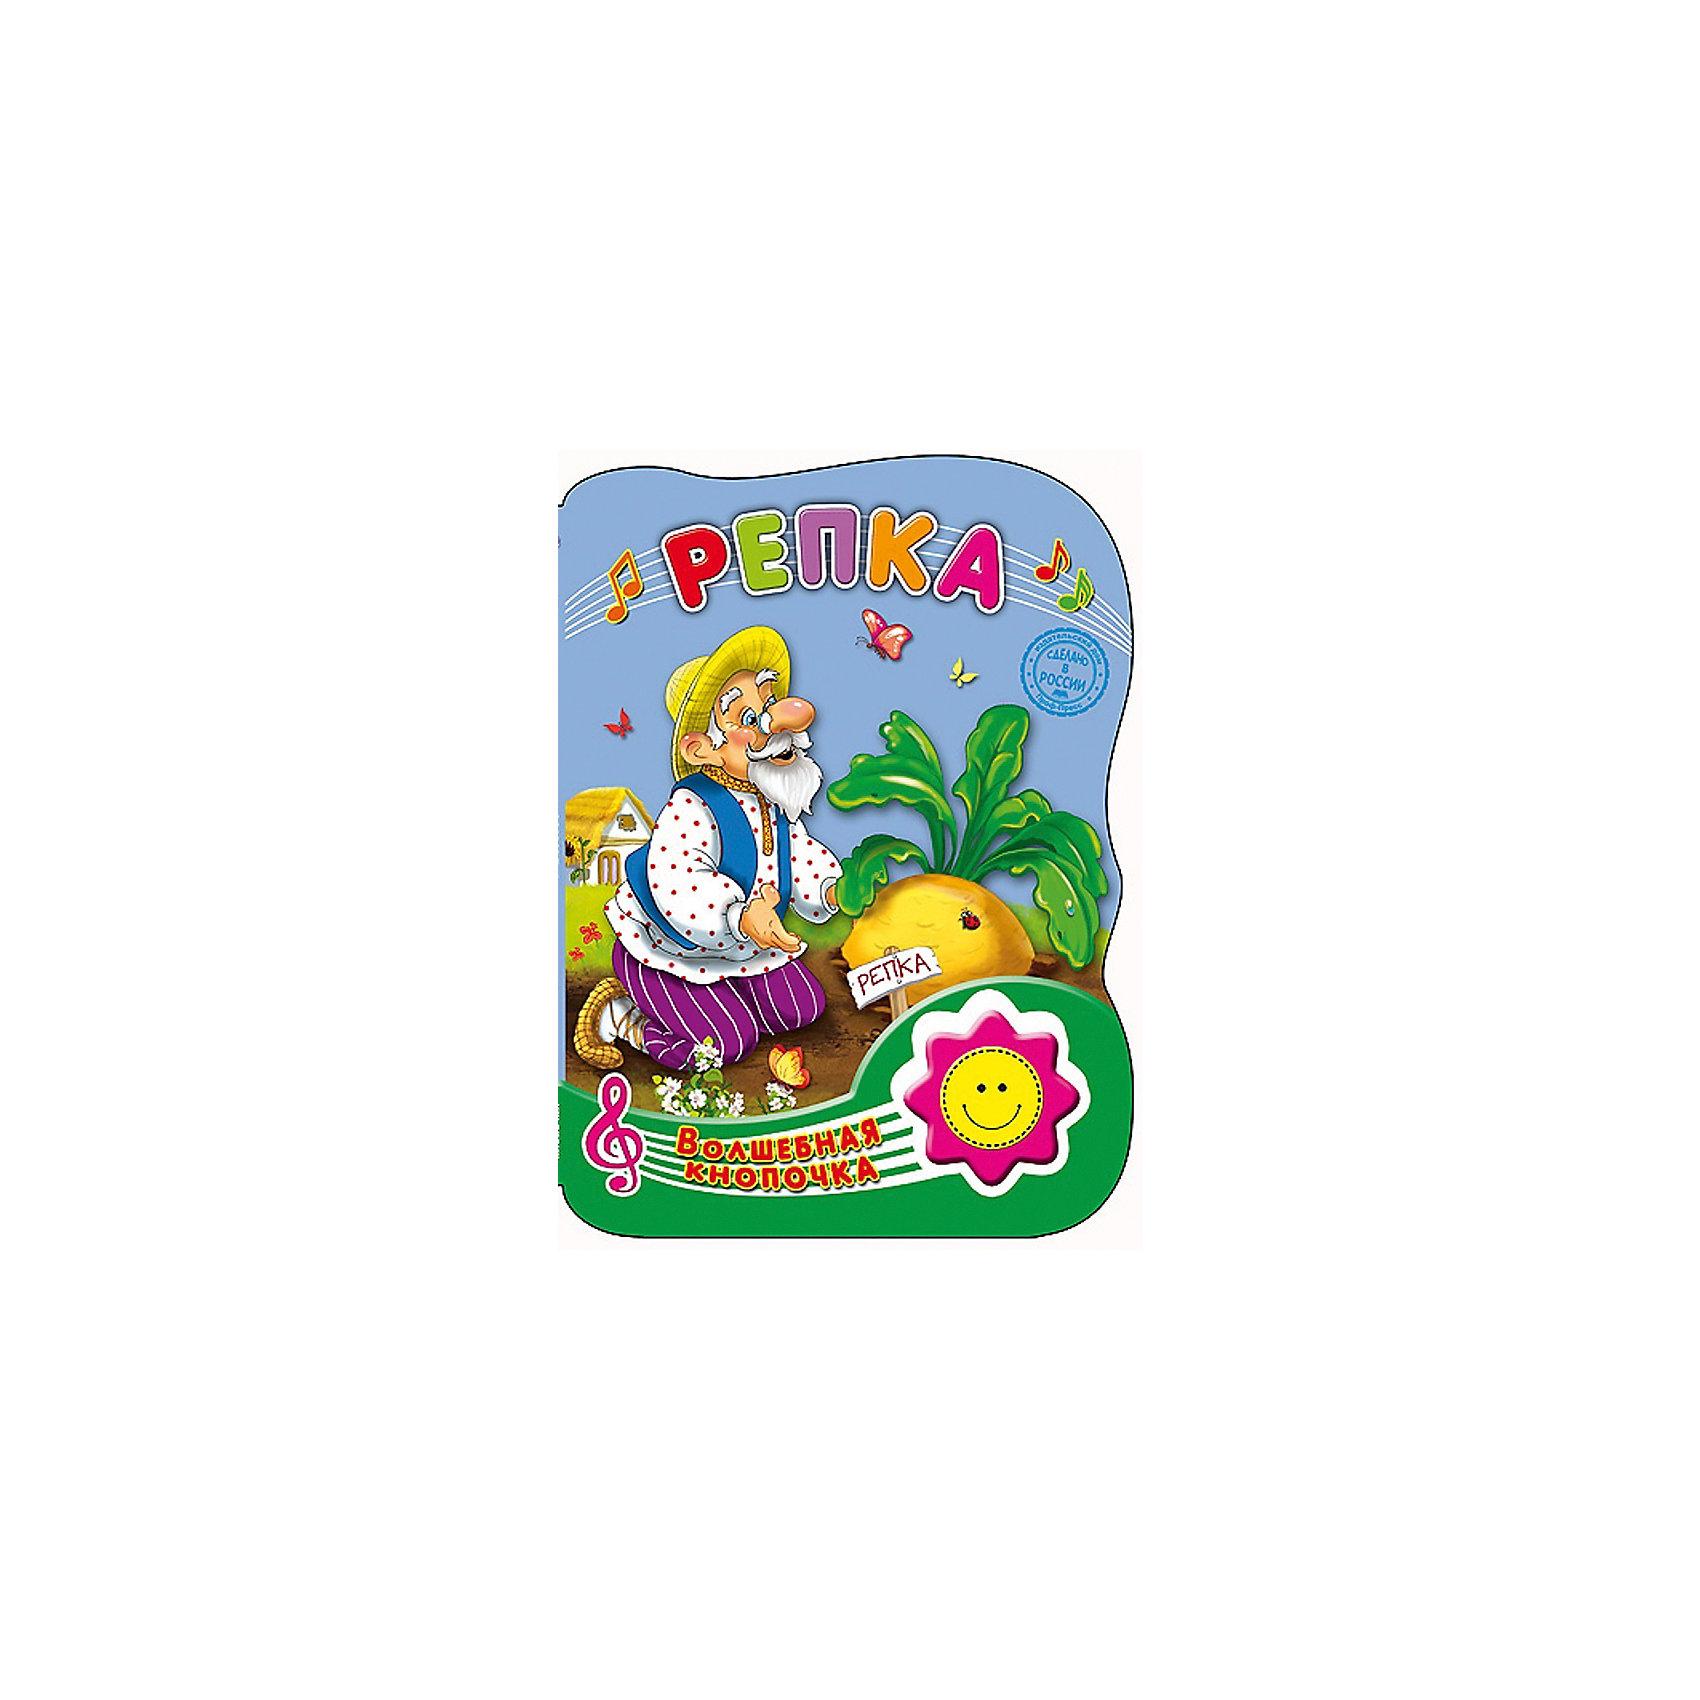 Репка, Волшебная кнопочкаМузыкальные книги<br>С самого детства нас сопровождают книги, это лучший подарок не только взрослым, они помогают детям познавать мир и учиться читать, также книги позволяют ребенку весело проводить время. Они также стимулируют развитие воображения, логики и творческого мышления. <br>Есть сказки, проверенные многими поколениями, которые понравятся и современным детям. Это издание сделано специально для самых маленьких - с плотными страничками и звуковым модулем, который будет сопровождать сказку песенками и музыкой. Яркие картинки обязательно понравятся малышам! Книга сделана из качественных и безопасных для детей материалов.<br>  <br>Дополнительная информация:<br><br>страниц: 8; <br>размер: 212x155x25 мм;<br>вес: 200 г.<br><br>Книгу со звуковым модулем Волшебная кнопочка. Репка от издательства Проф-Пресс можно купить в нашем магазине.<br><br>Ширина мм: 155<br>Глубина мм: 20<br>Высота мм: 210<br>Вес г: 200<br>Возраст от месяцев: 0<br>Возраст до месяцев: 60<br>Пол: Унисекс<br>Возраст: Детский<br>SKU: 4787251